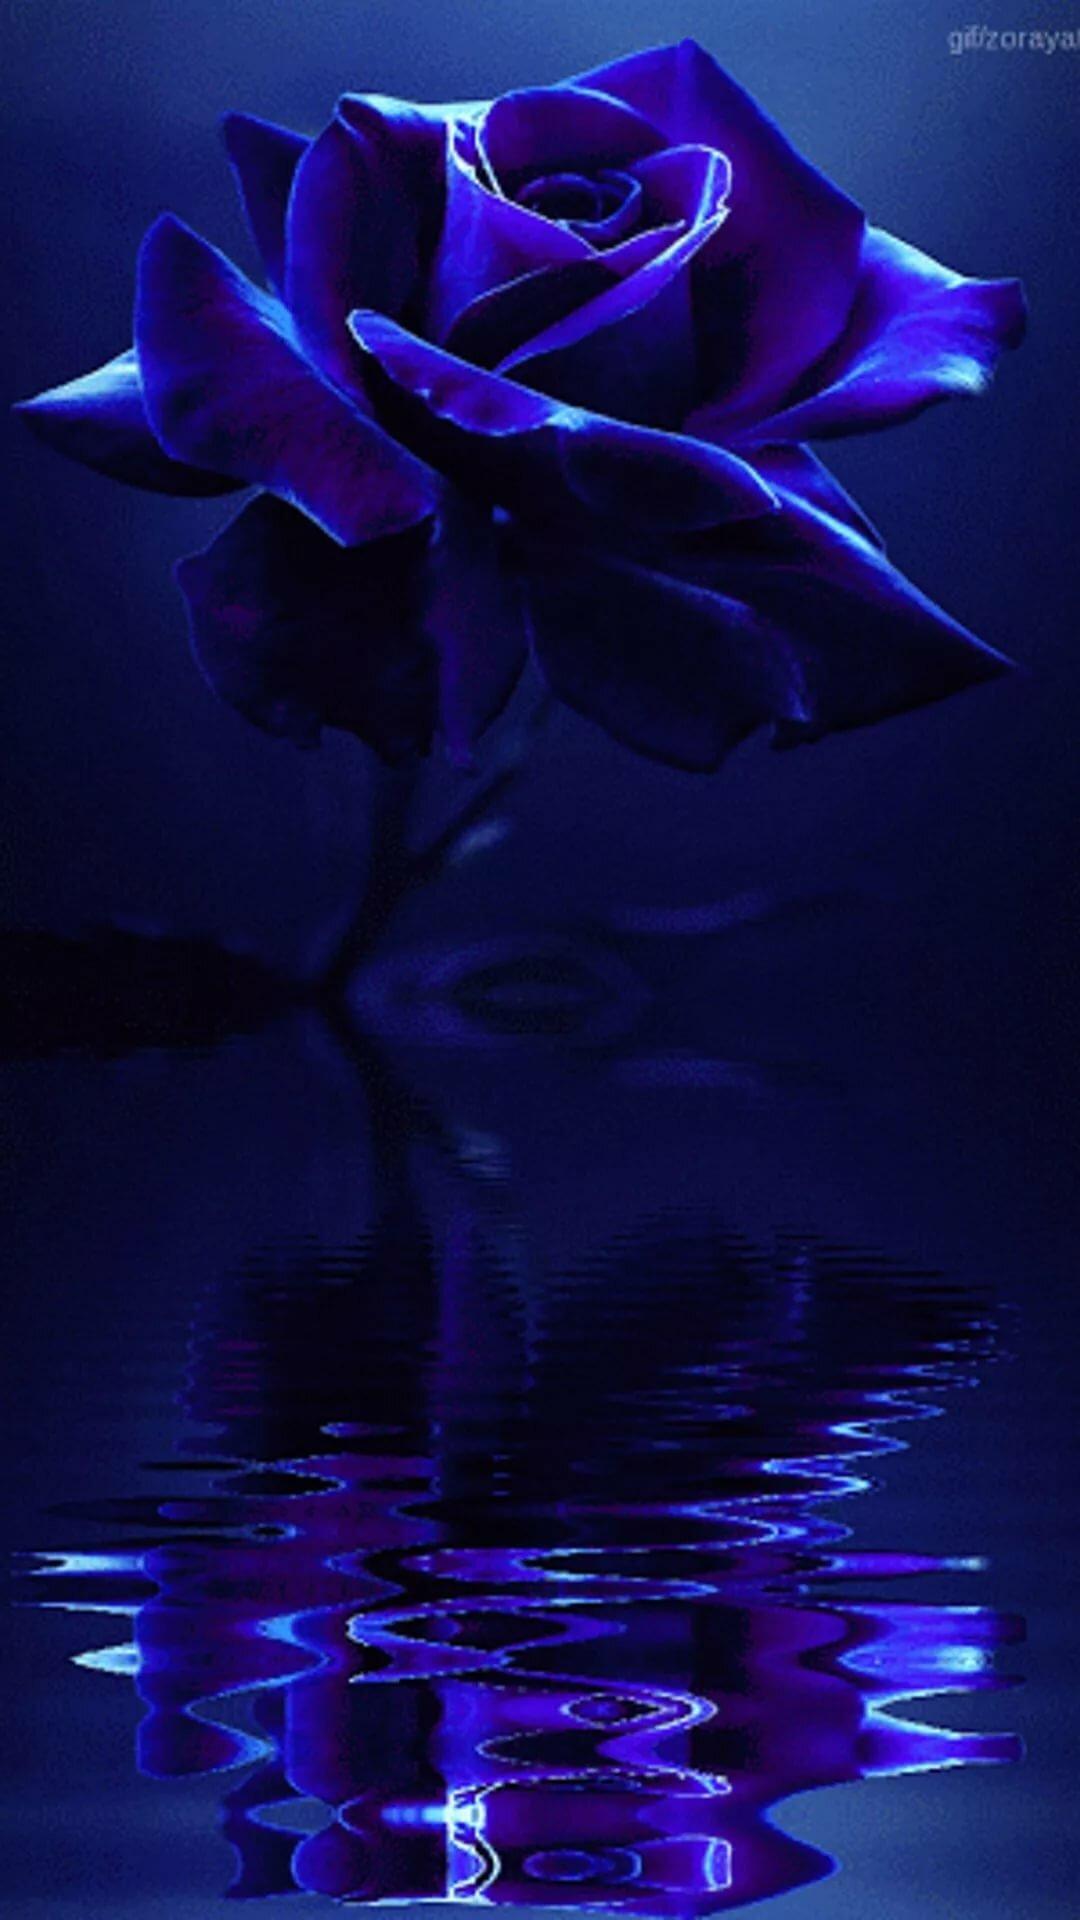 Картинки, синяя роза гифы